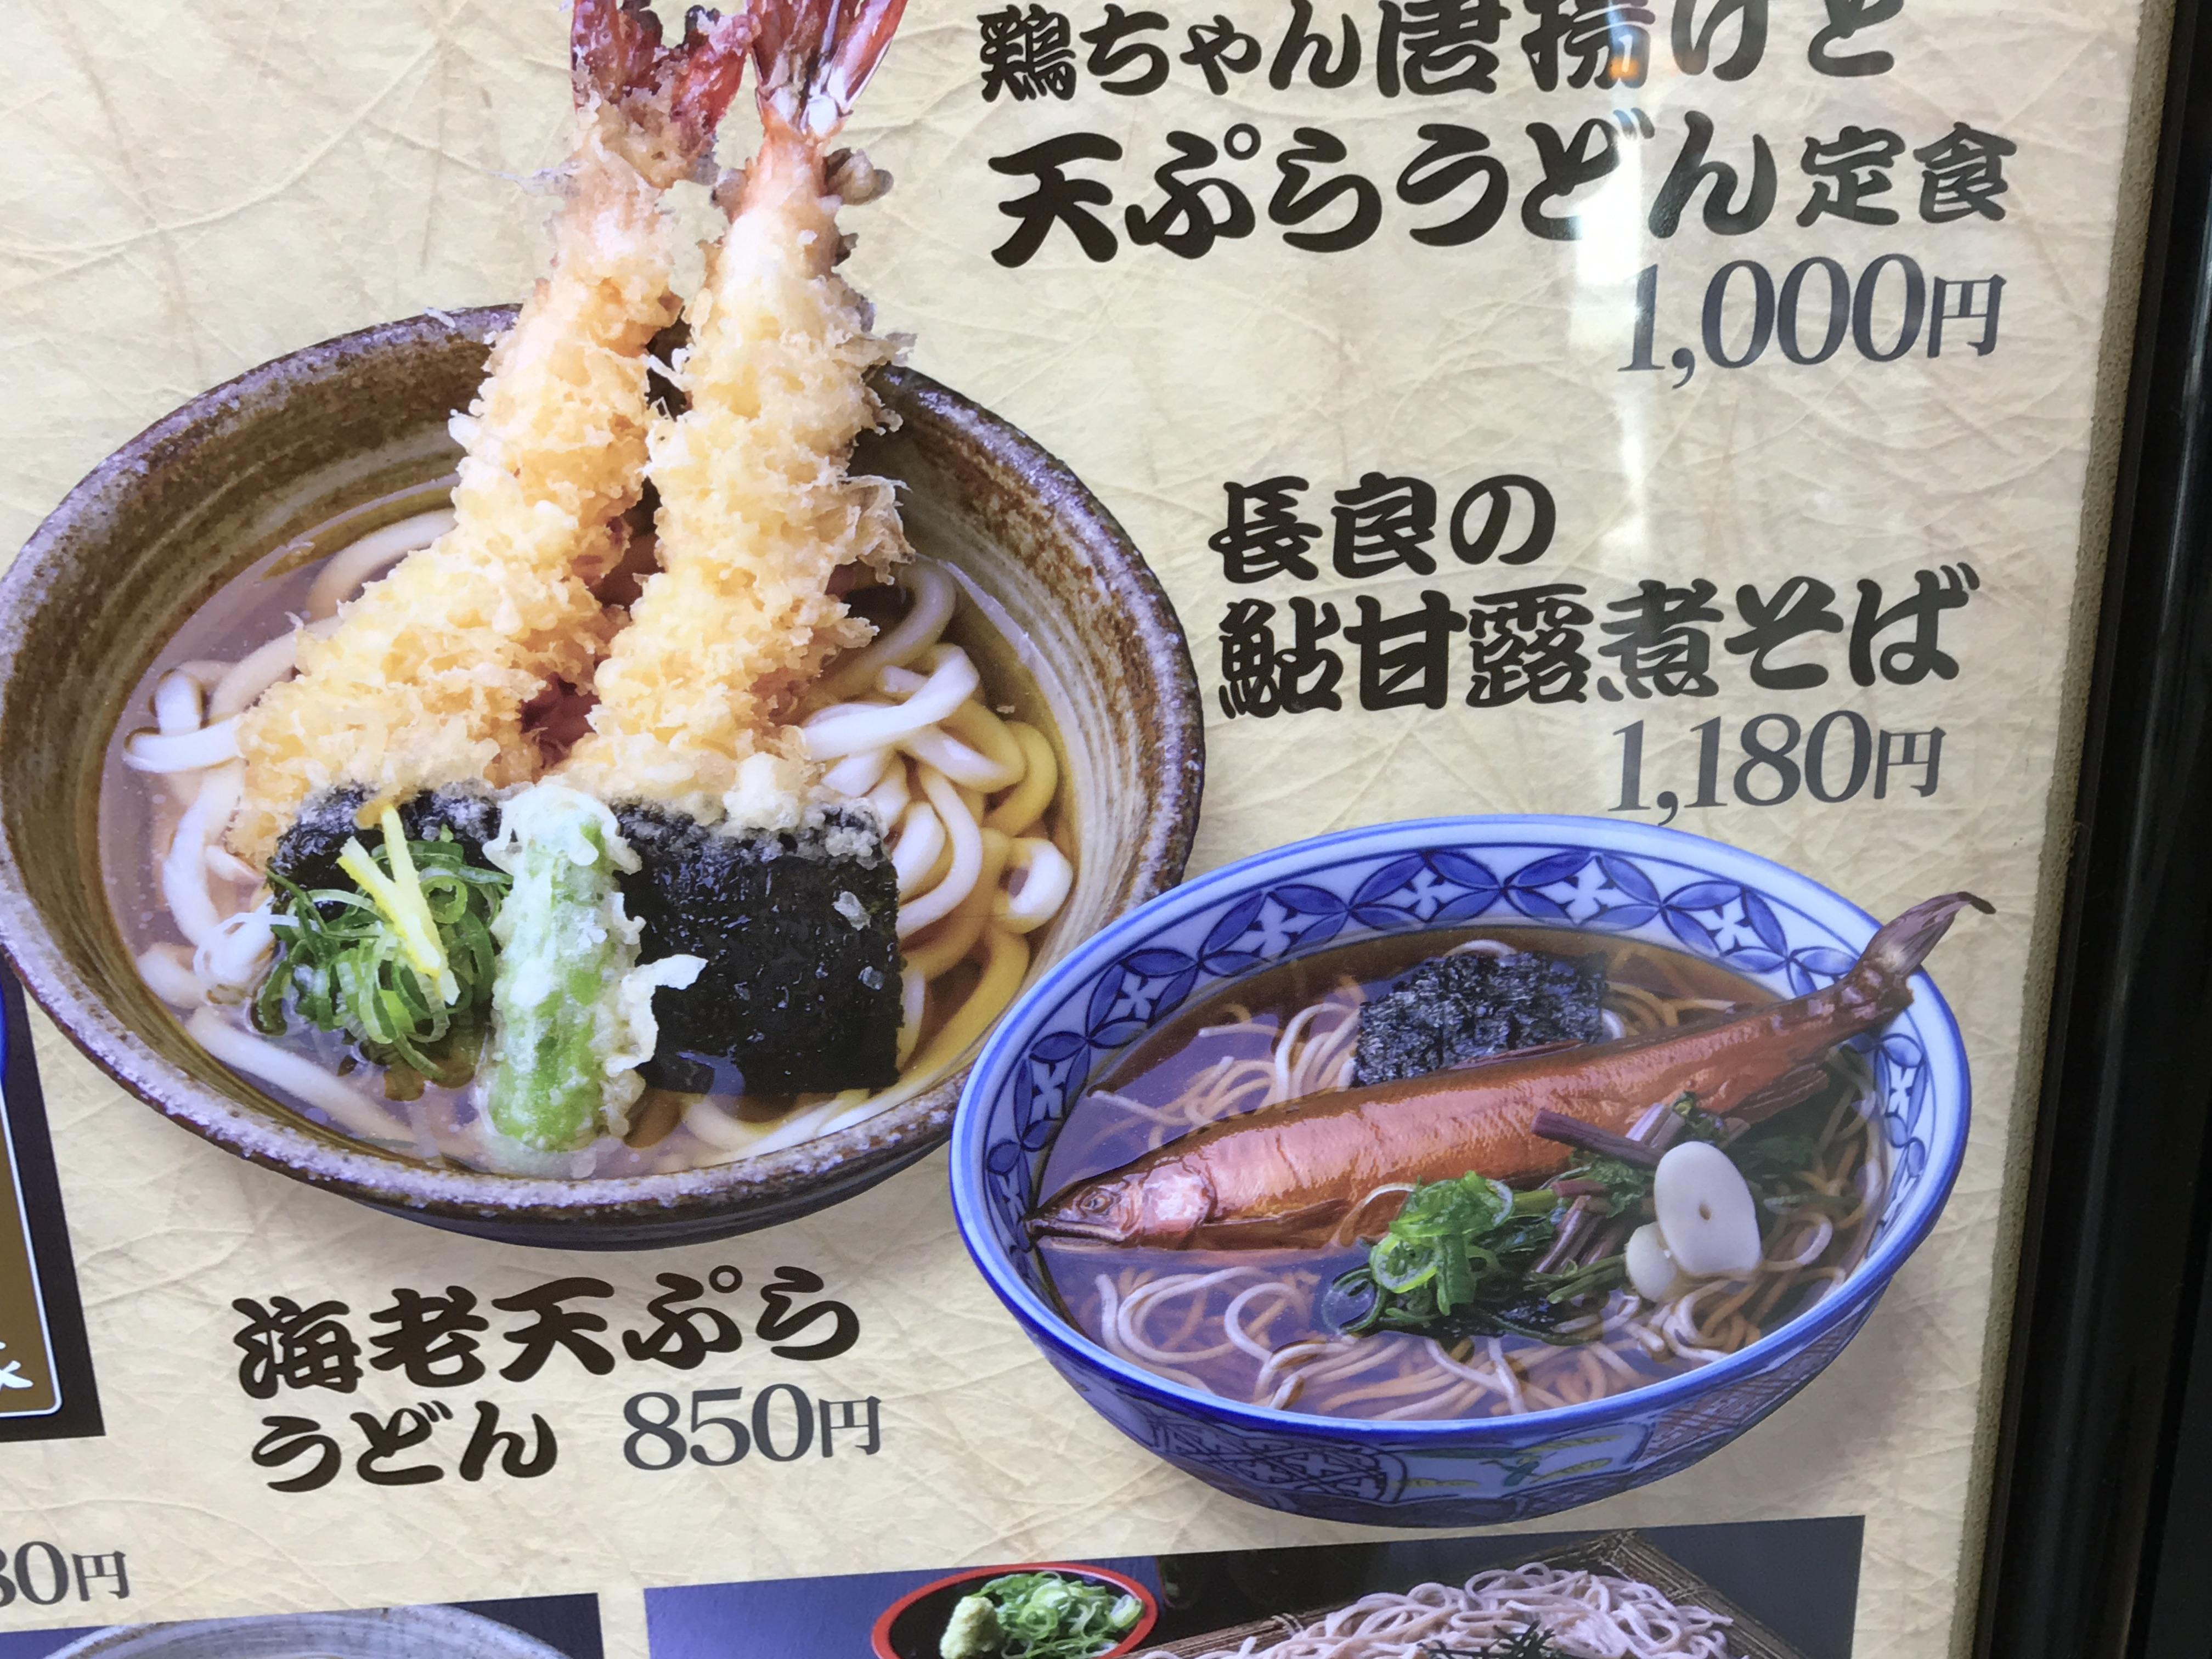 角鍬商店 鮎 甘露煮 関 岐阜 名産 特産 名物 土産